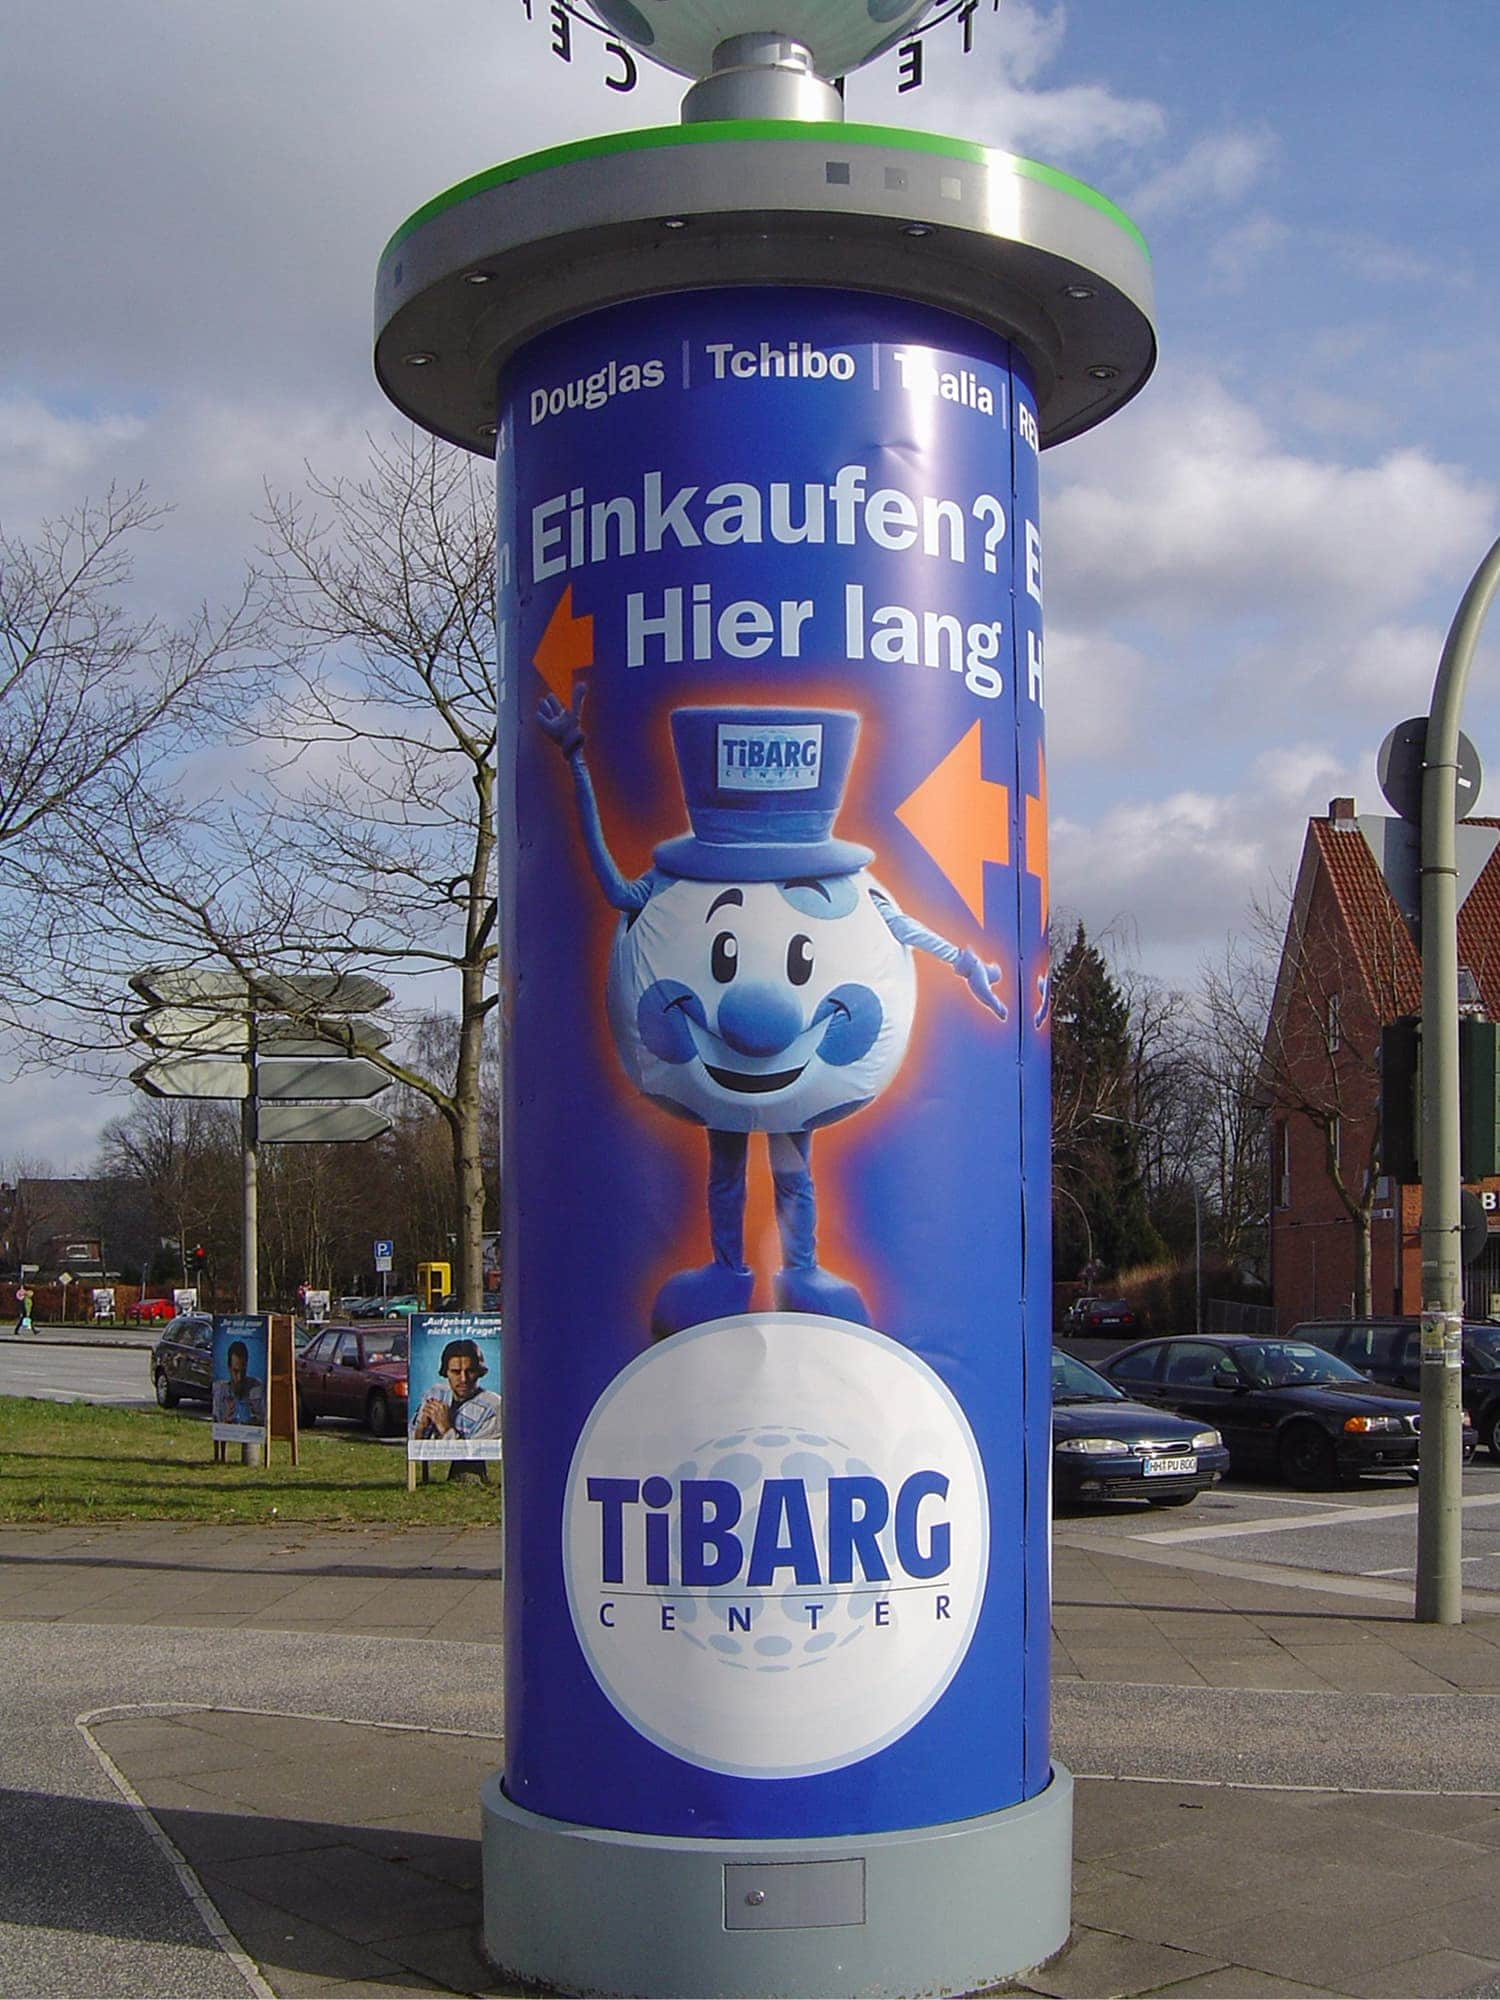 Litfaßsäulenwerbung Digitaldruck auf Affichenpaier für das Hamburger Tibarg Center